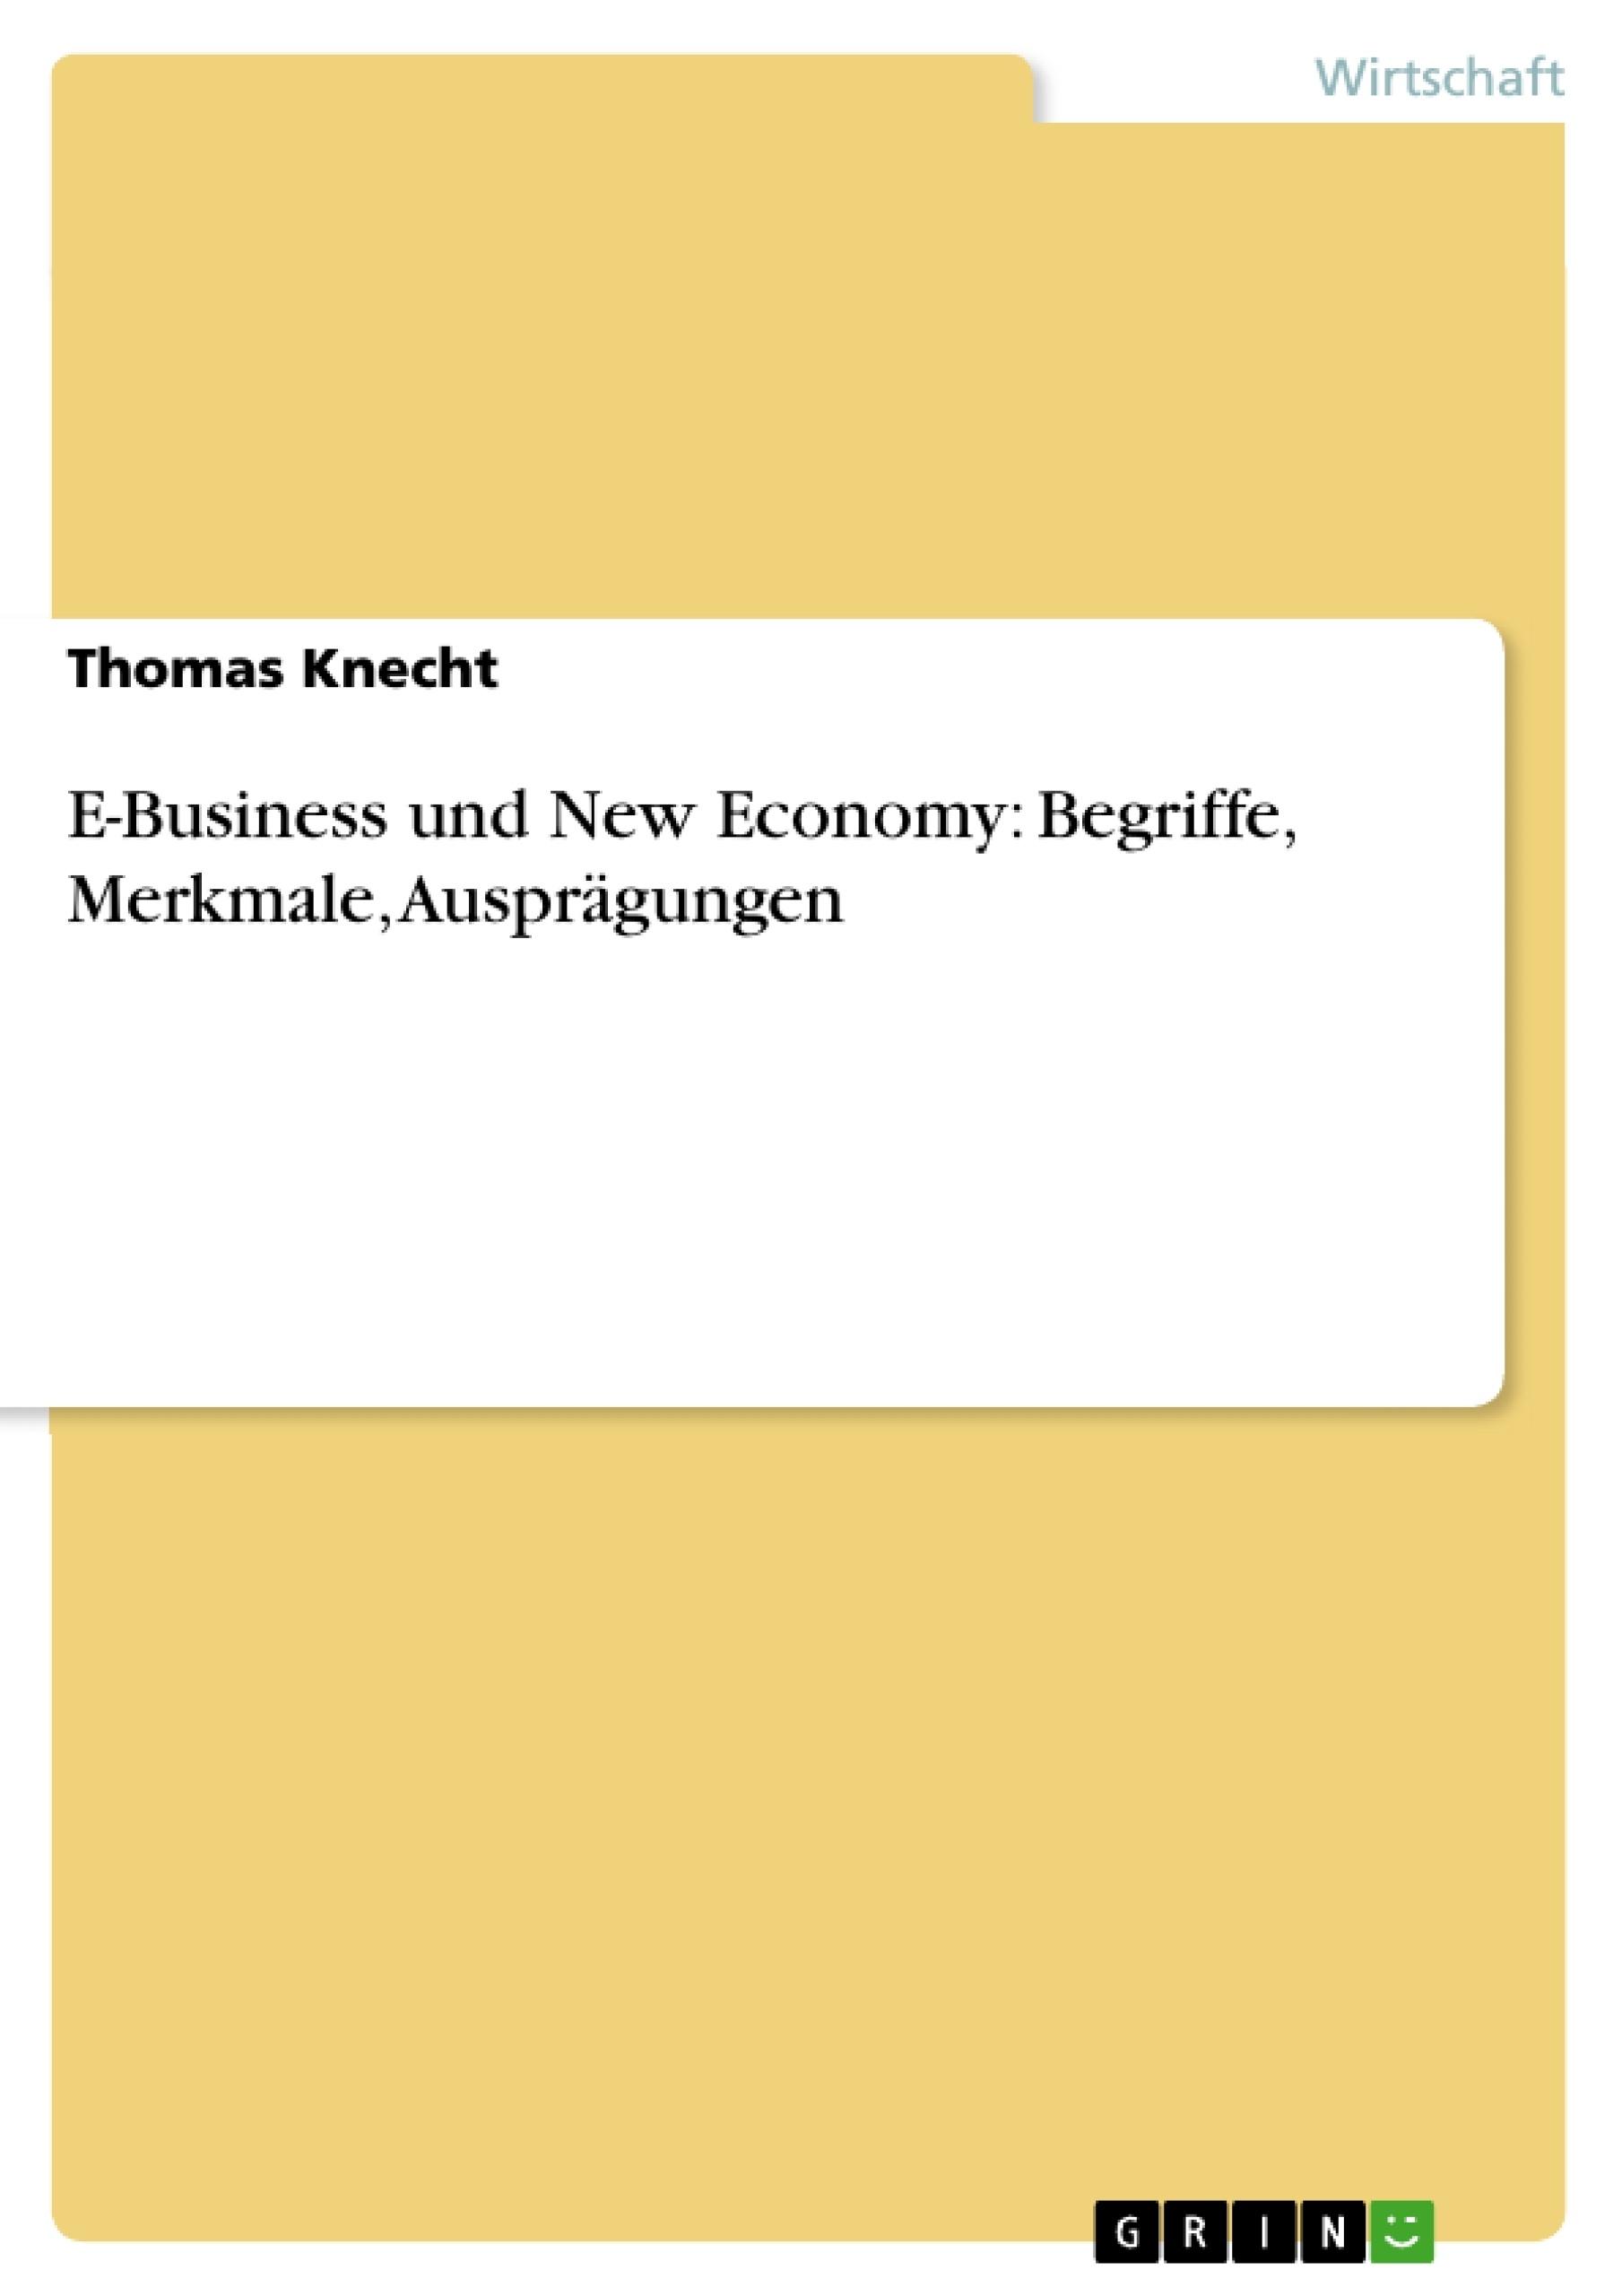 Titel: E-Business und New Economy: Begriffe, Merkmale, Ausprägungen